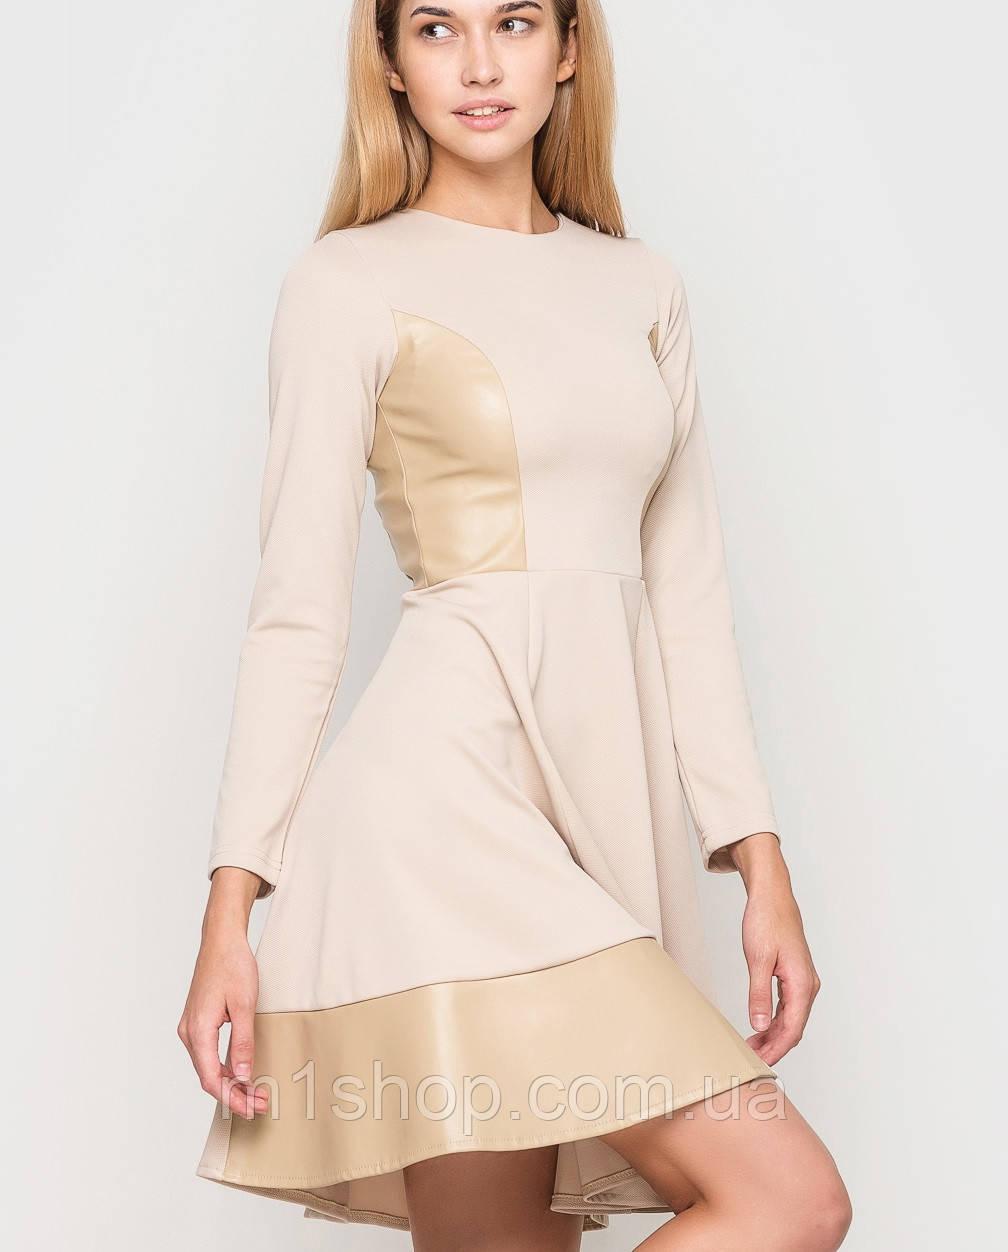 Платье расклешенное | Megan sk